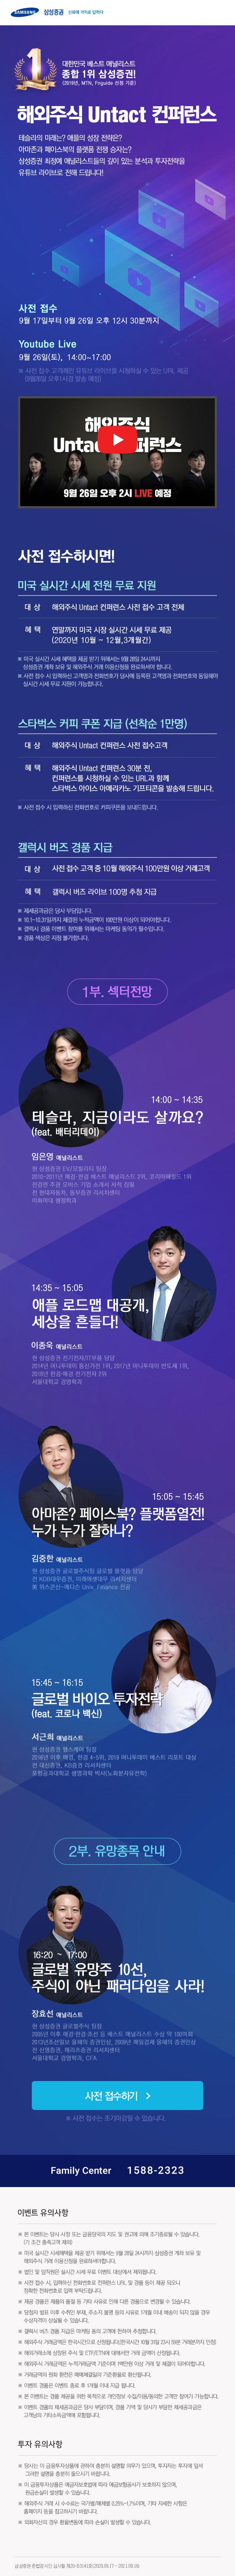 해외주식 Untact 컨퍼런스